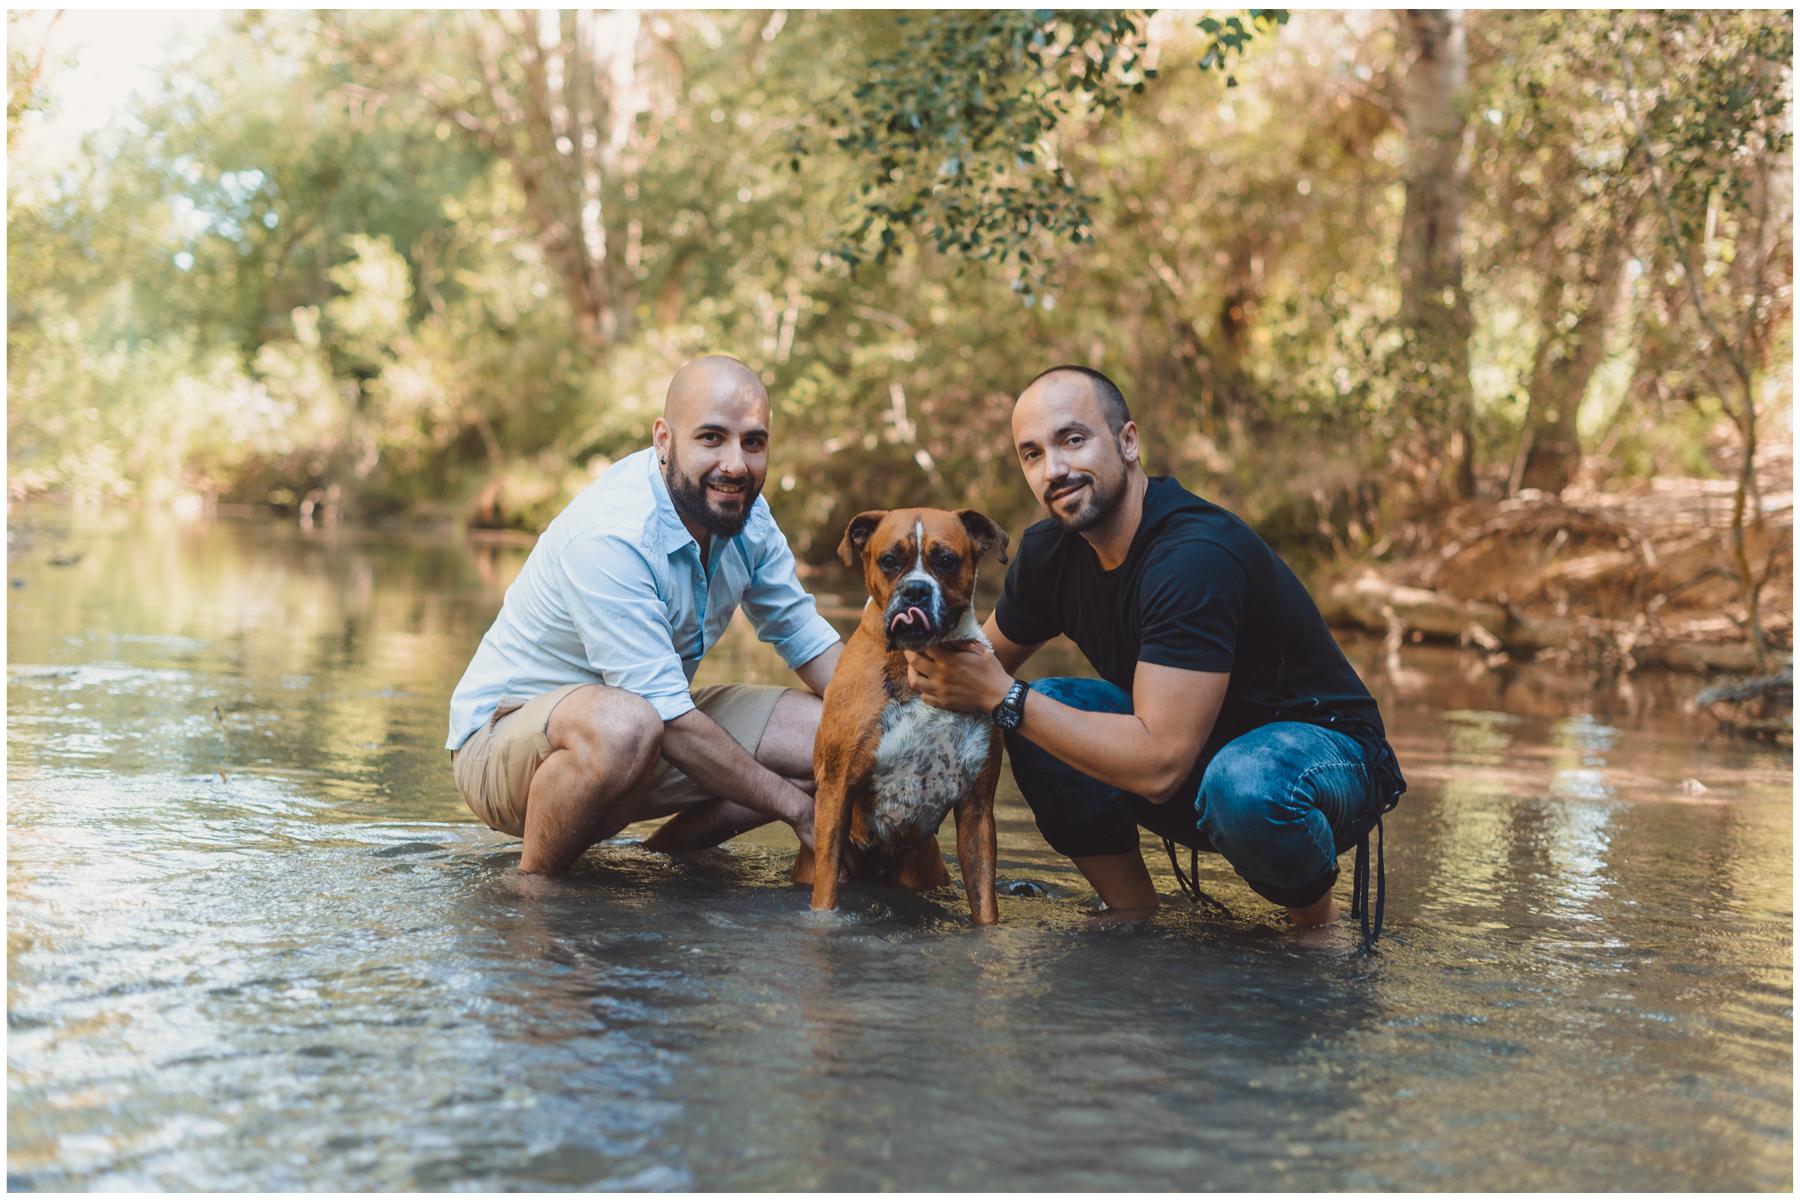 Nala-Retrato-Mascotas-Perros_Jose-Angel-Fotografia-316.jpg